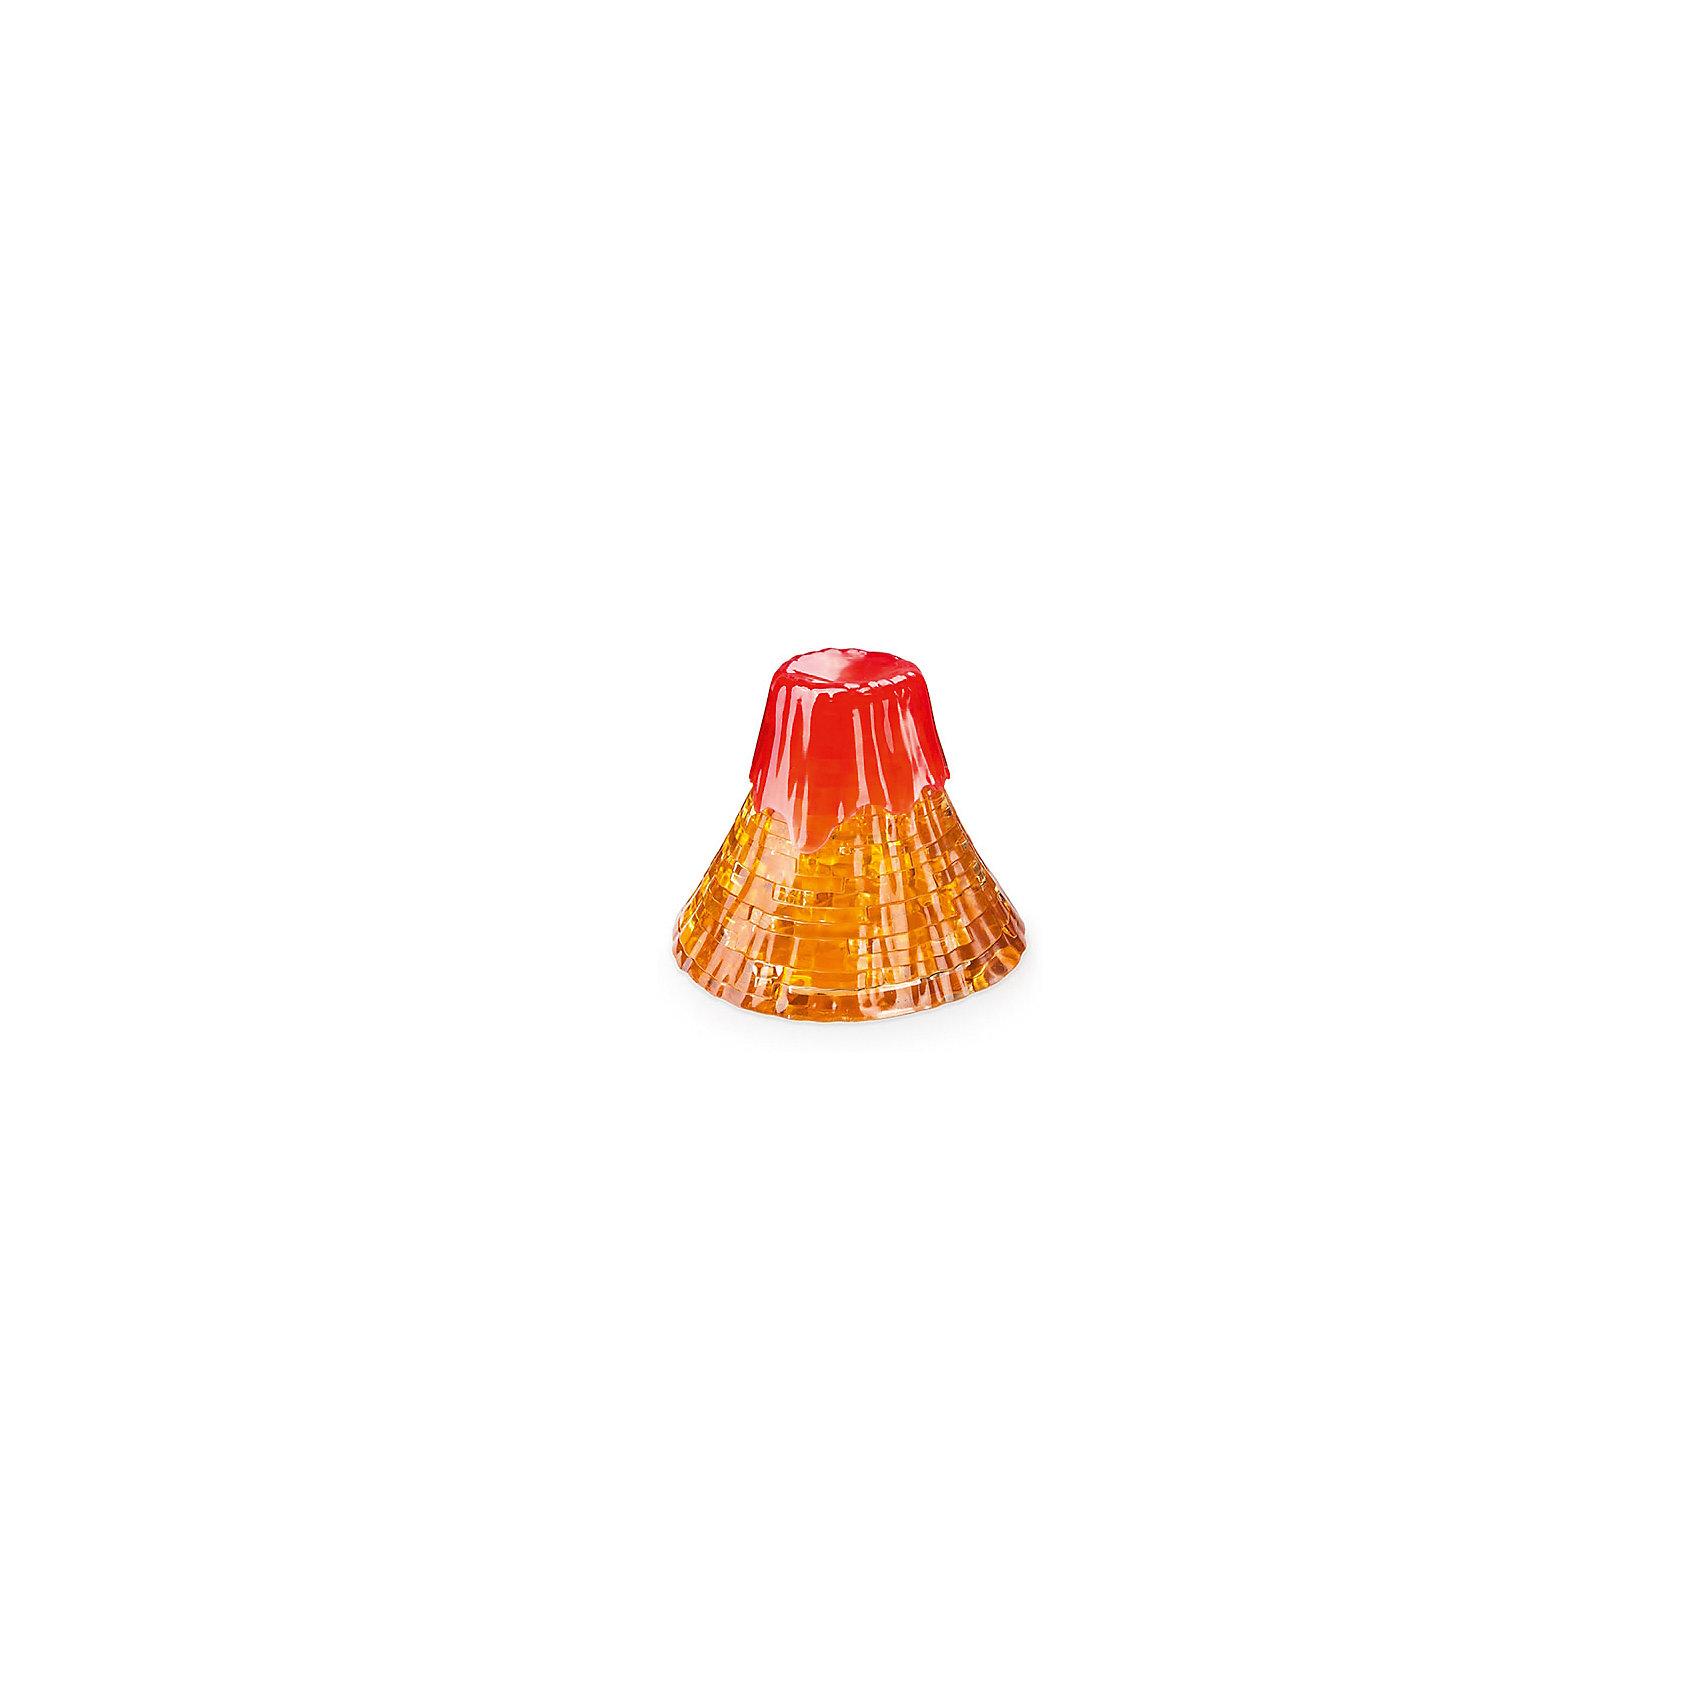 Кристаллический пазл 3D Вулкан, Crystal PuzzleКристаллический пазл 3D Вулкан, Crystal Puzzle (Кристал Пазл)<br><br>Характеристики:<br><br>• яркий объемный пазл<br>• размер готовой фигурки: 8 см<br>• количество деталей: 40<br>• сложность: средняя<br>• размер упаковки: 14х10х5 см<br>• вес: 208 грамм<br>• материал: пластик<br><br>Собирая пазлы, ребёнок развивает логику и пространственное мышление. Чтобы игра была ещё интересней, предложите малышу собрать необычный 3D пазл. В комплект Вулкан входят 40 деталей из пластика. Подробная инструкция расскажет как правильно собирать детали, чтобы получилась фигурка вулкана. Последний пазл соединит всю конструкцию, и вы сможете наслаждаться прекрасным видом красивого вулкана, который очень напоминает настоящий. Также вы сможете украсить комнату ребёнка готовой фигуркой.<br><br>Кристаллический пазл 3D Вулкан, Crystal Puzzle (Кристал Пазл) вы можете купить в нашем интернет-магазине.<br><br>Ширина мм: 100<br>Глубина мм: 140<br>Высота мм: 50<br>Вес г: 208<br>Возраст от месяцев: 120<br>Возраст до месяцев: 2147483647<br>Пол: Унисекс<br>Возраст: Детский<br>SKU: 5397220